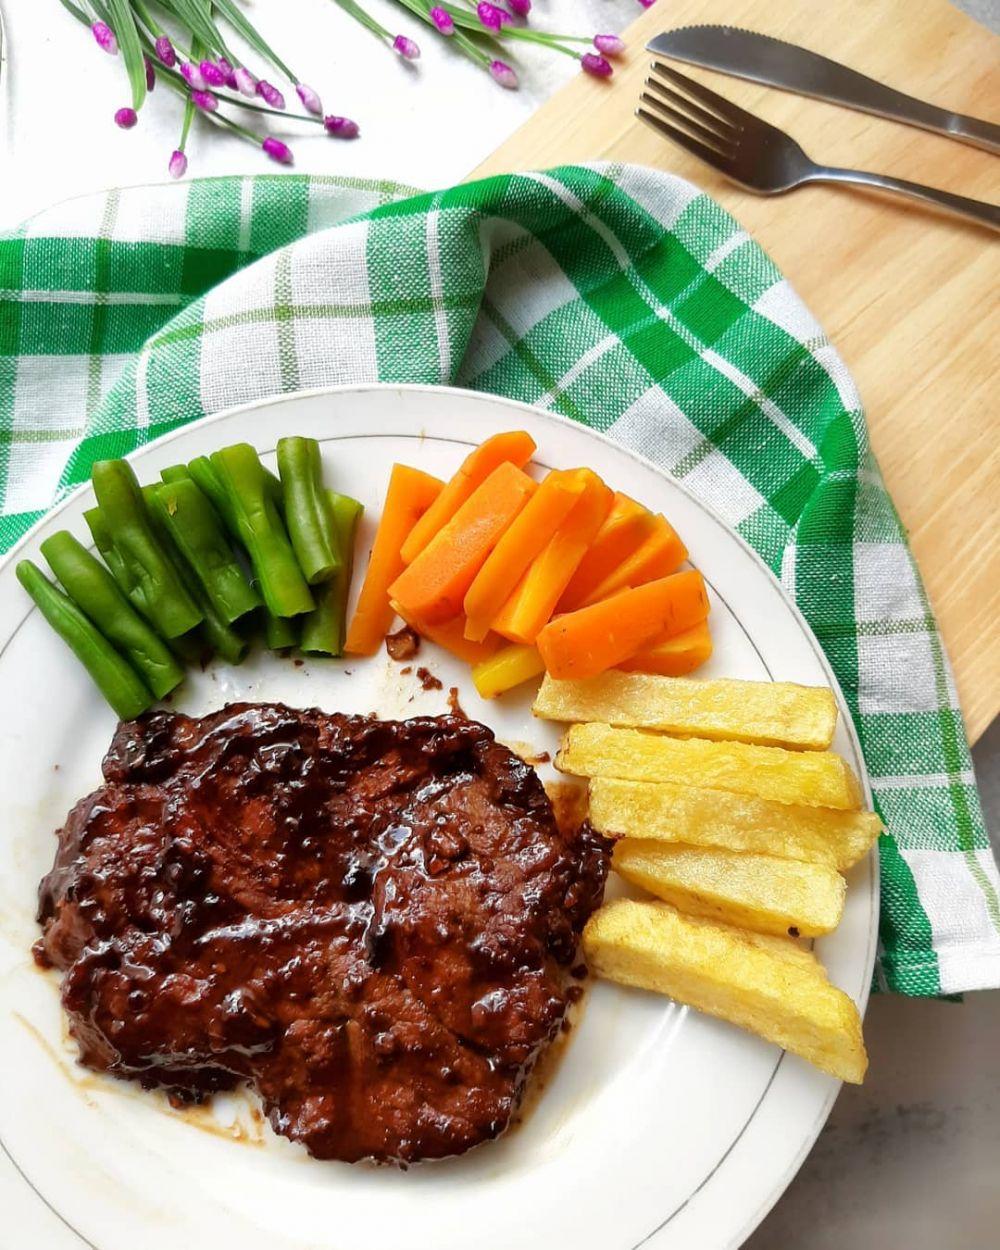 Resep steak berbagai bahan © 2020 brilio.net